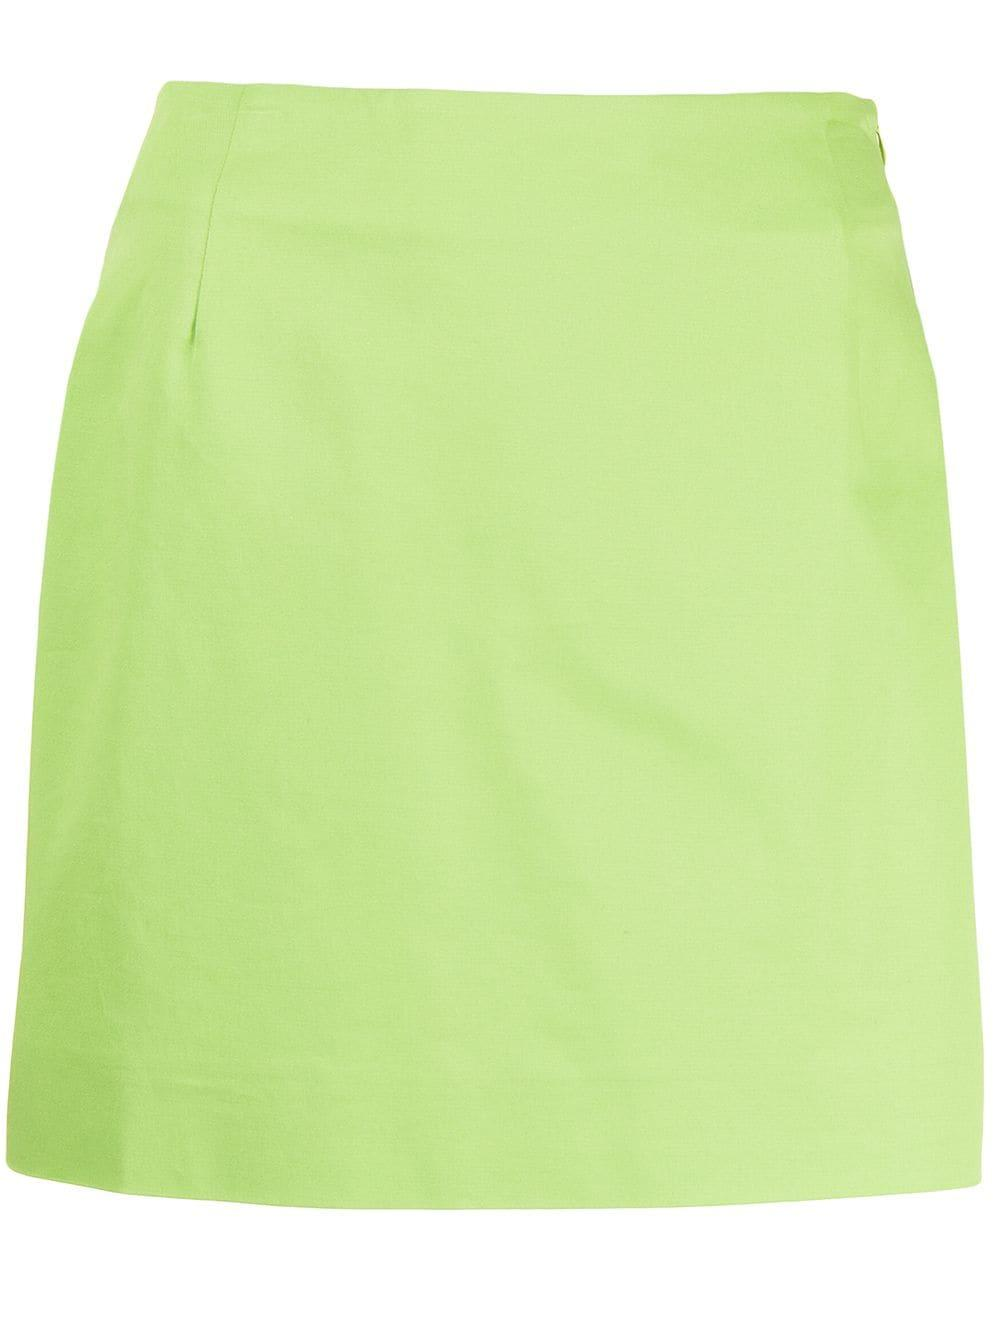 Goia Mini Skirt Item # T090307A